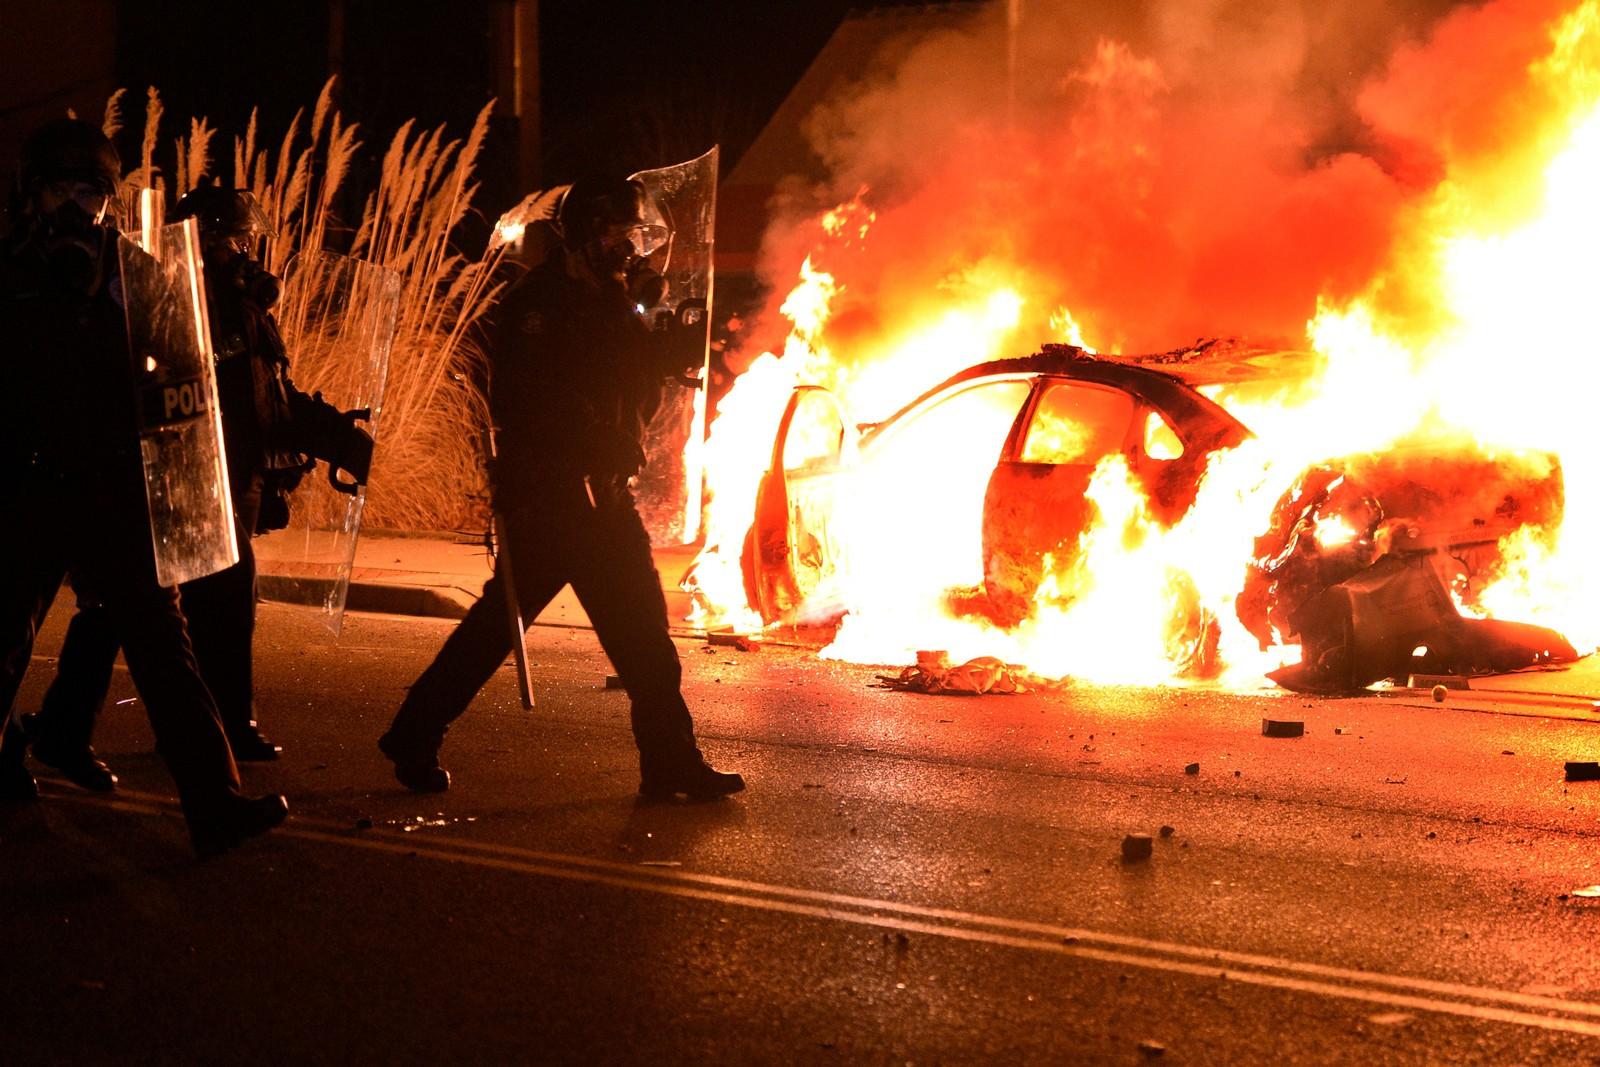 En politibil ble satt i brann natt til tirsdag.